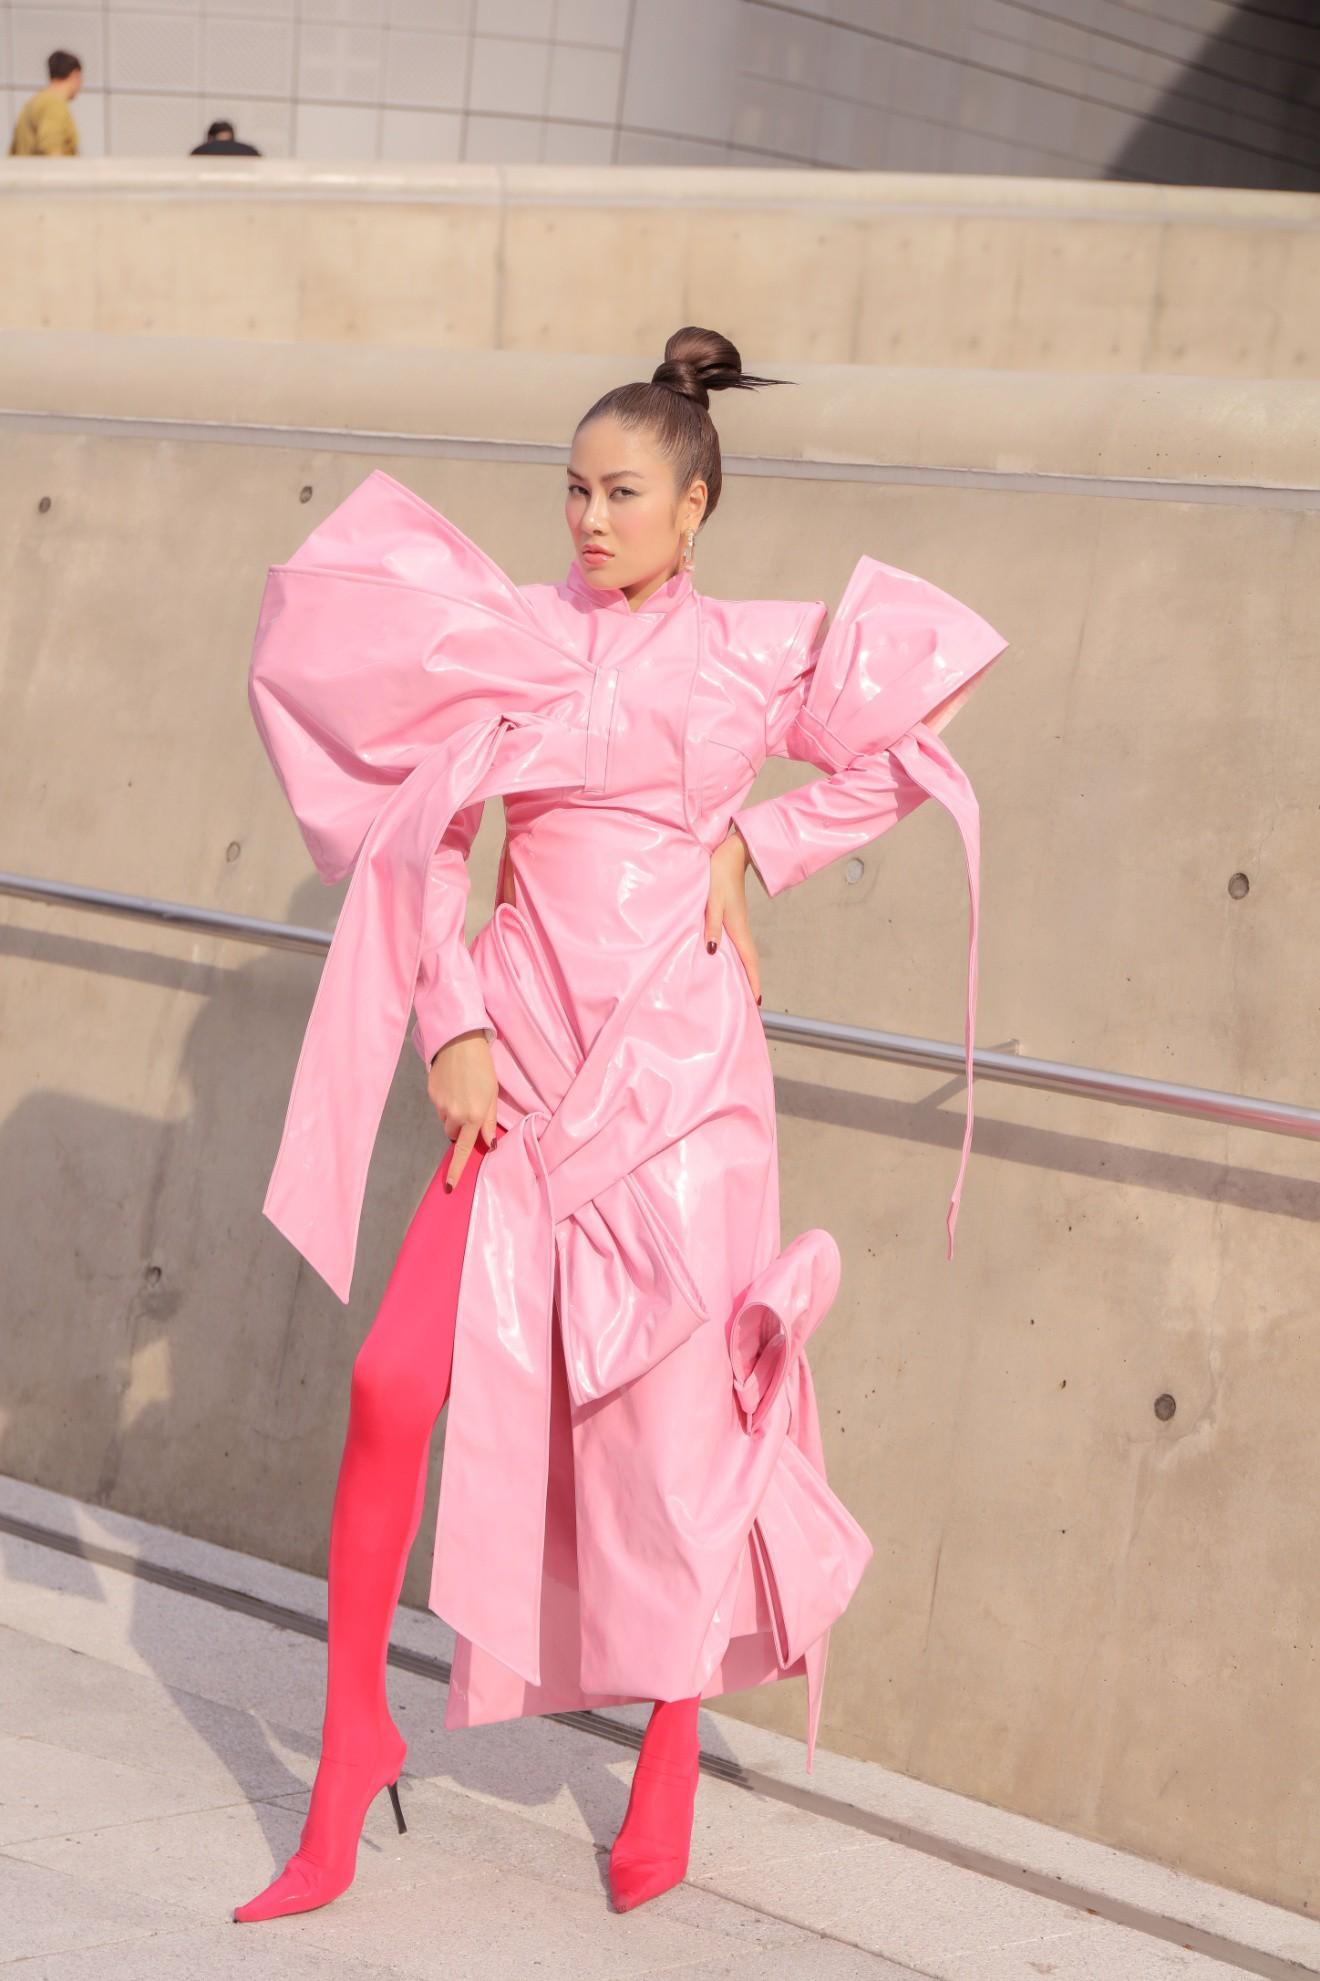 Giới mộ điệu ngỡ ngàng khi Hoa hậu Áo dài Tuyết Nga đem áo dài đính rồng kim loại đến Seoul Fashion Week 2019 - Ảnh 11.